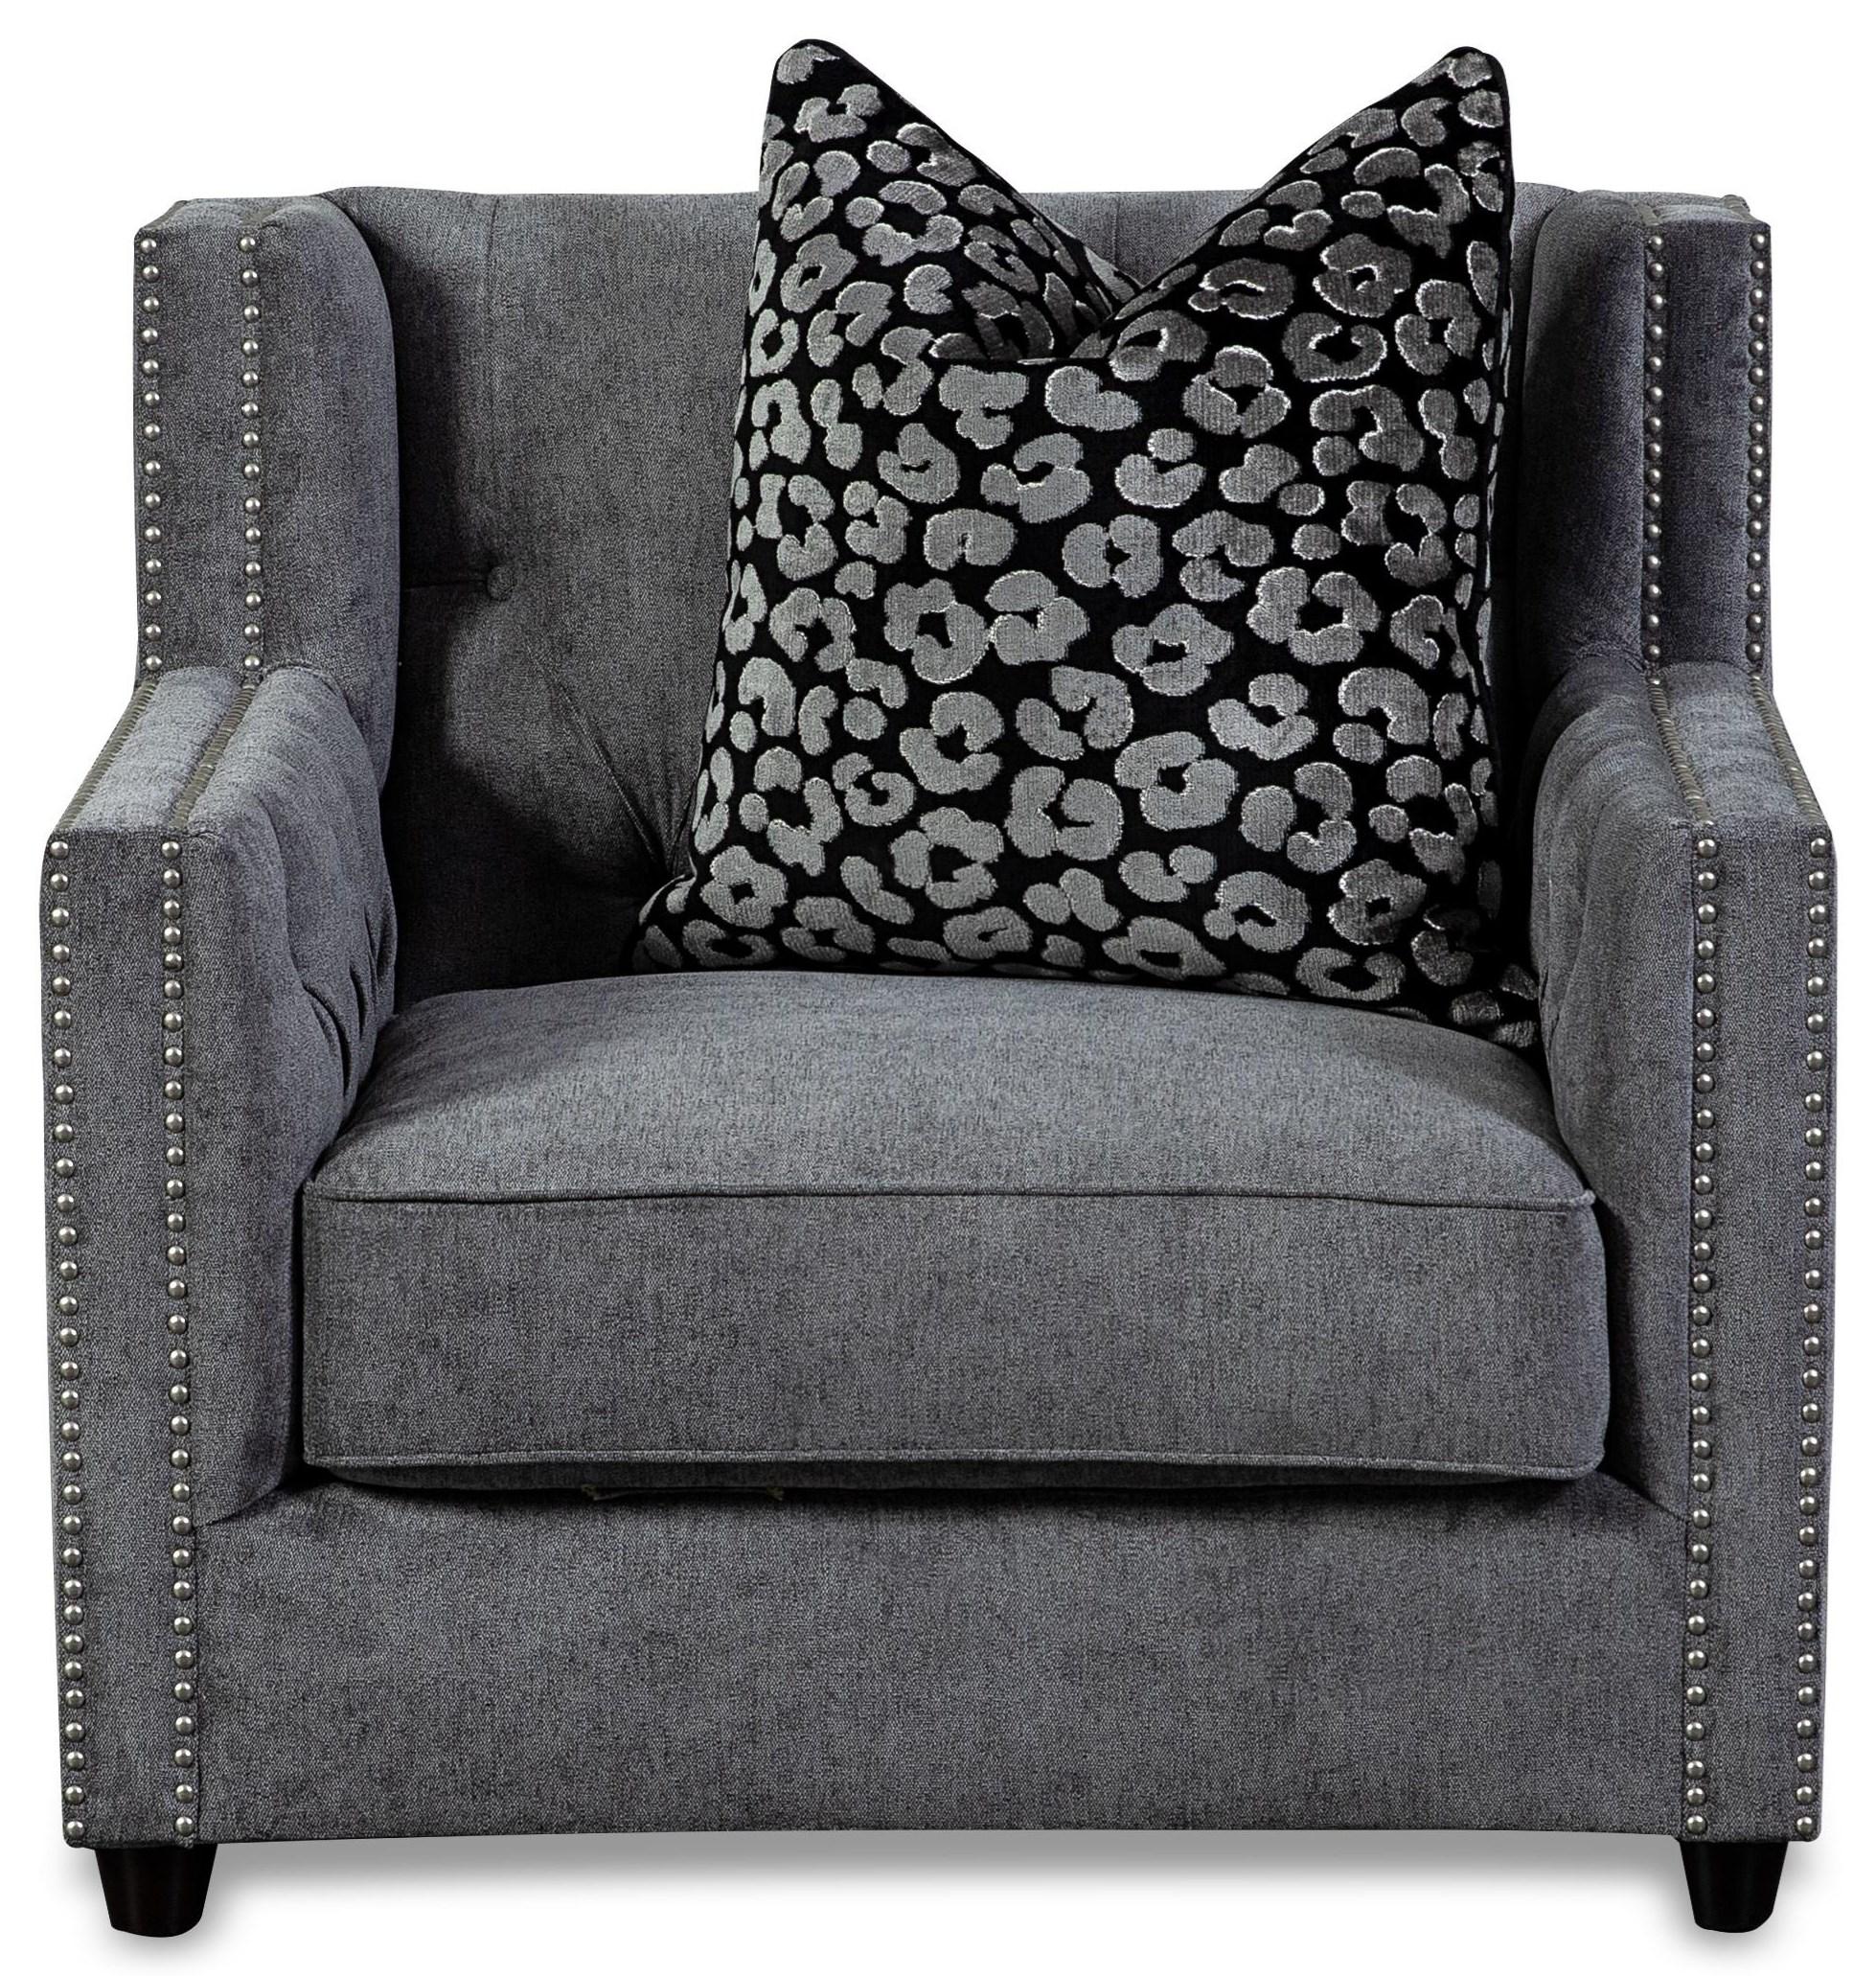 Rialto Rialto Chair by Aria Designs at Morris Home